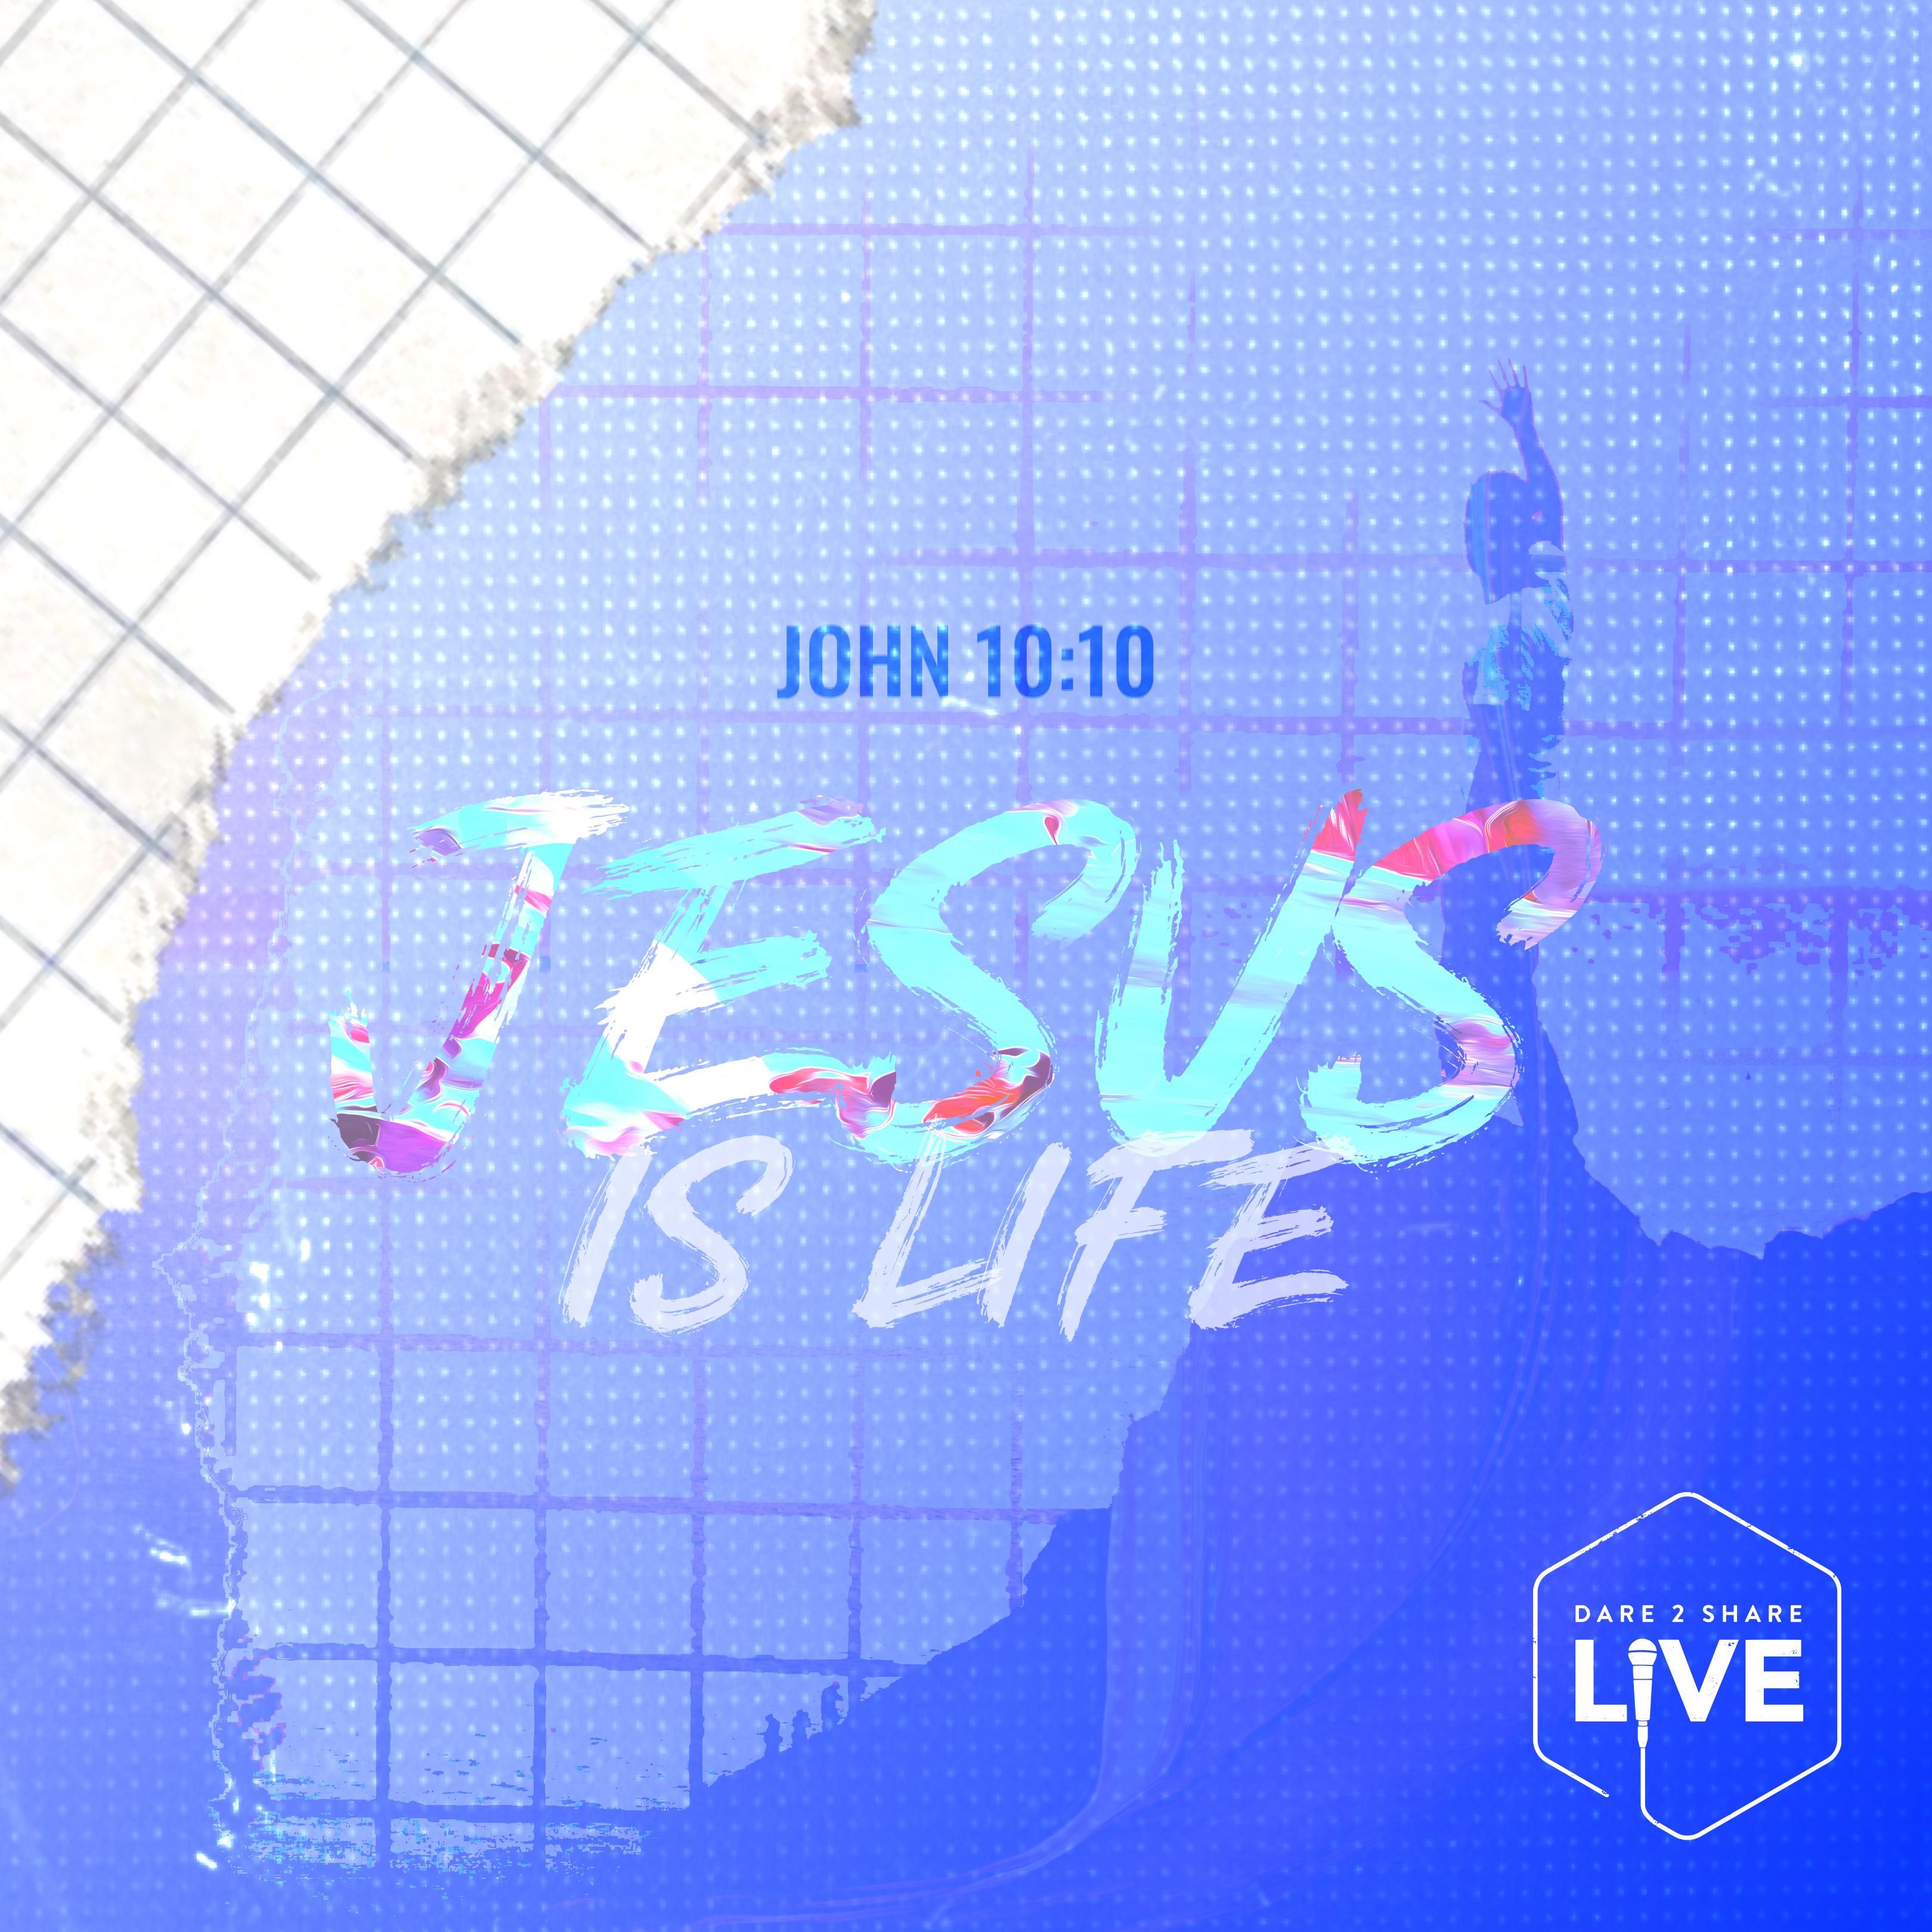 Dare 2 Share LIVE 2020 Jesus is Life